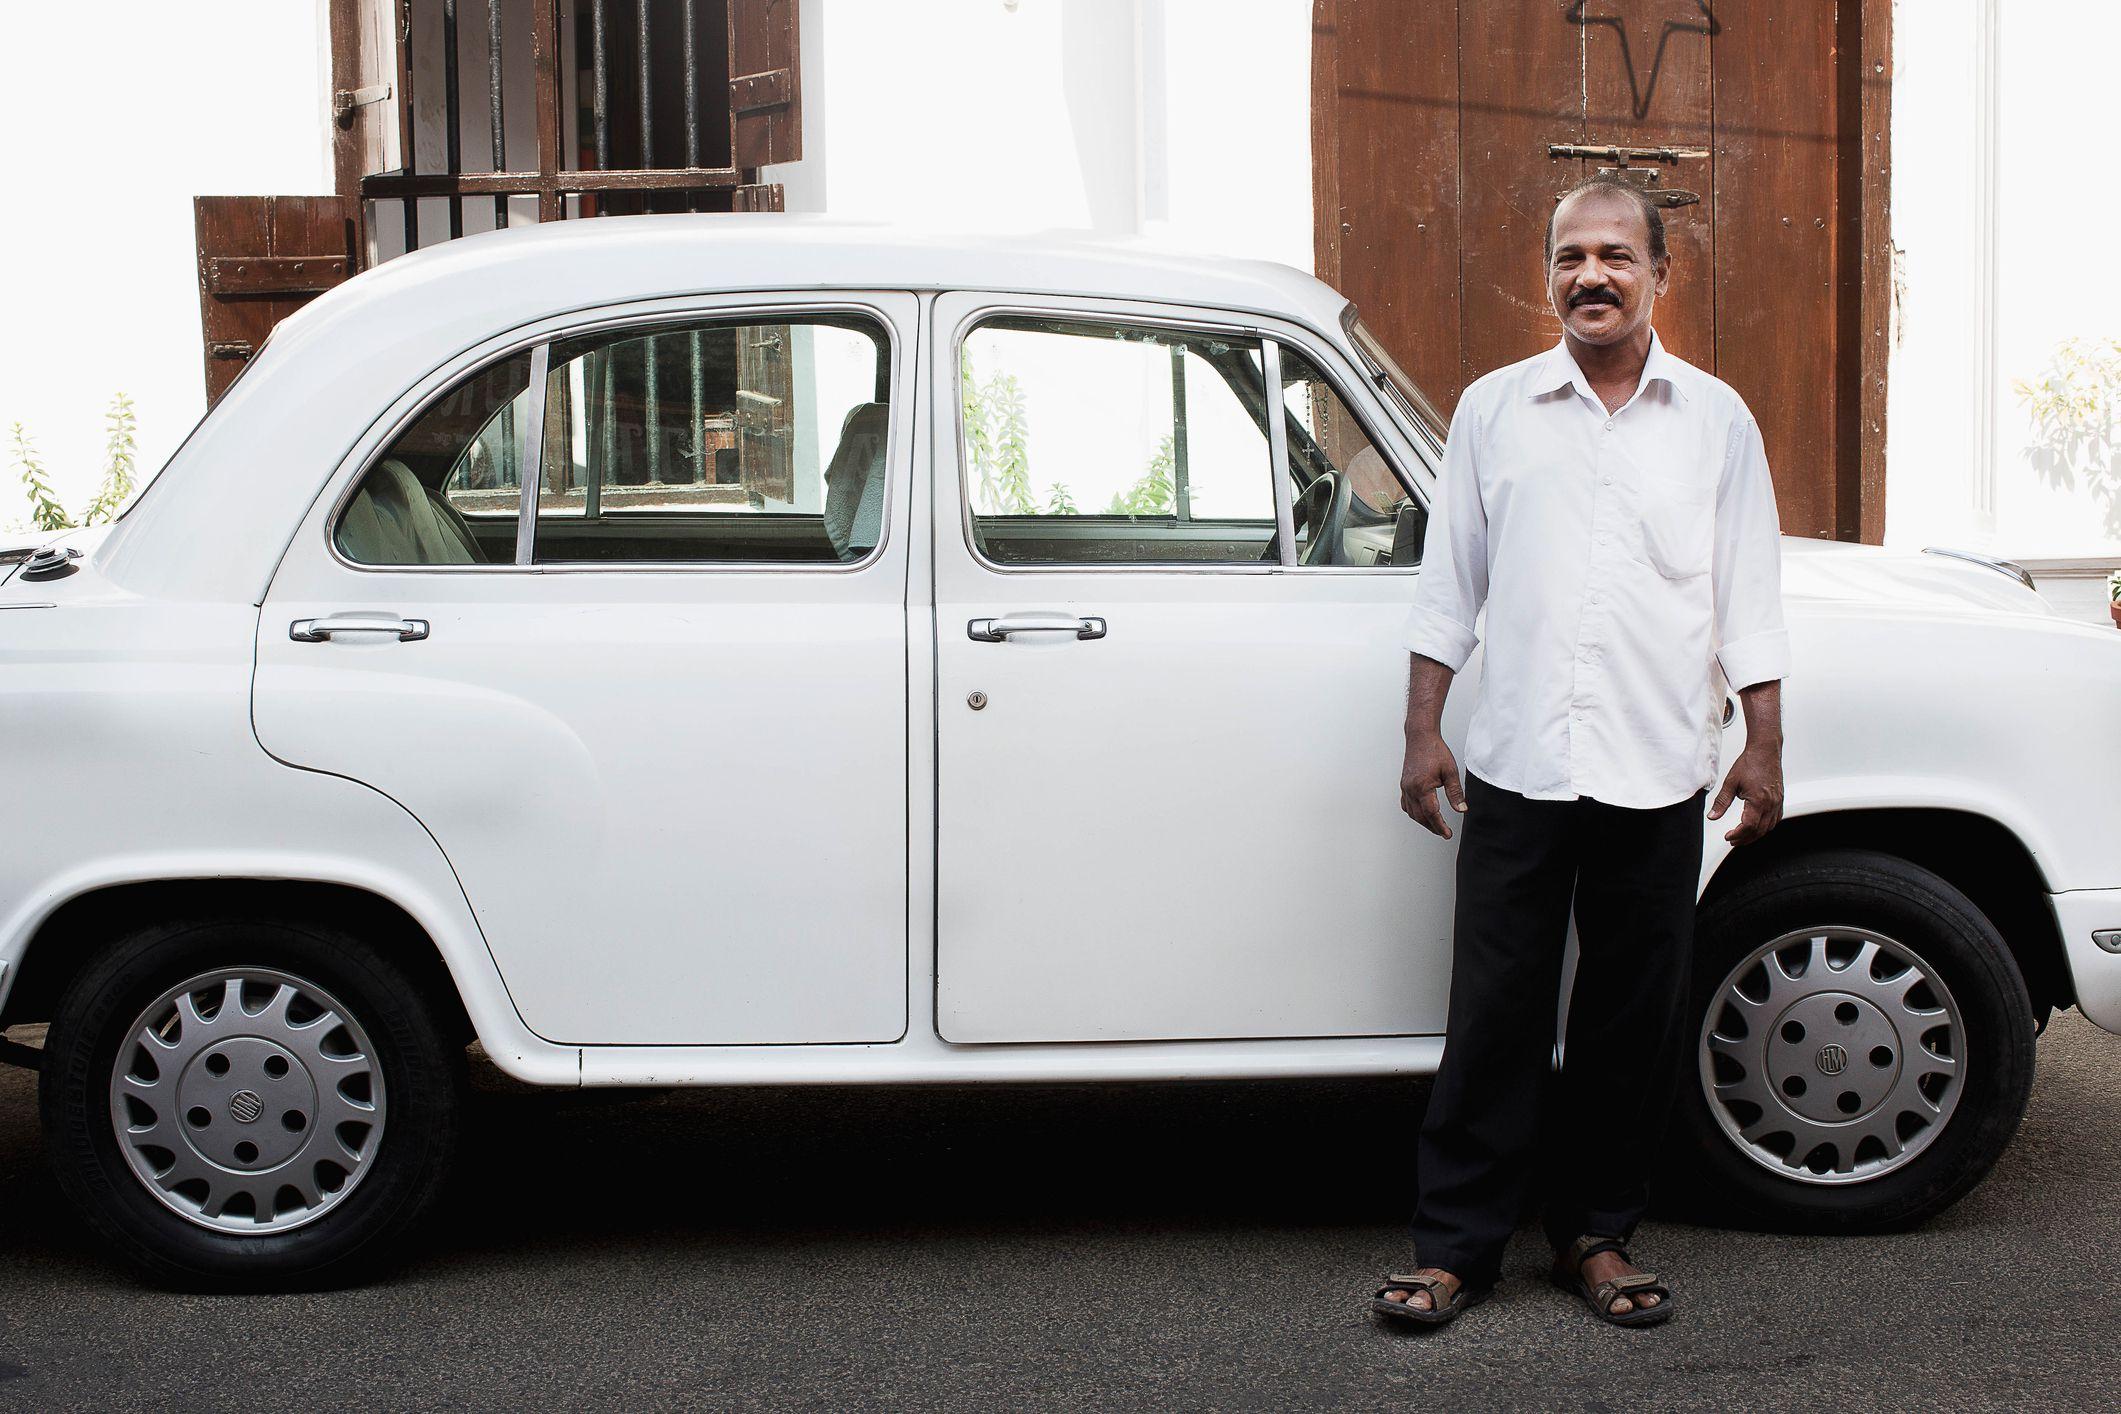 Car hire in Mumbai: Book cheap car rentals